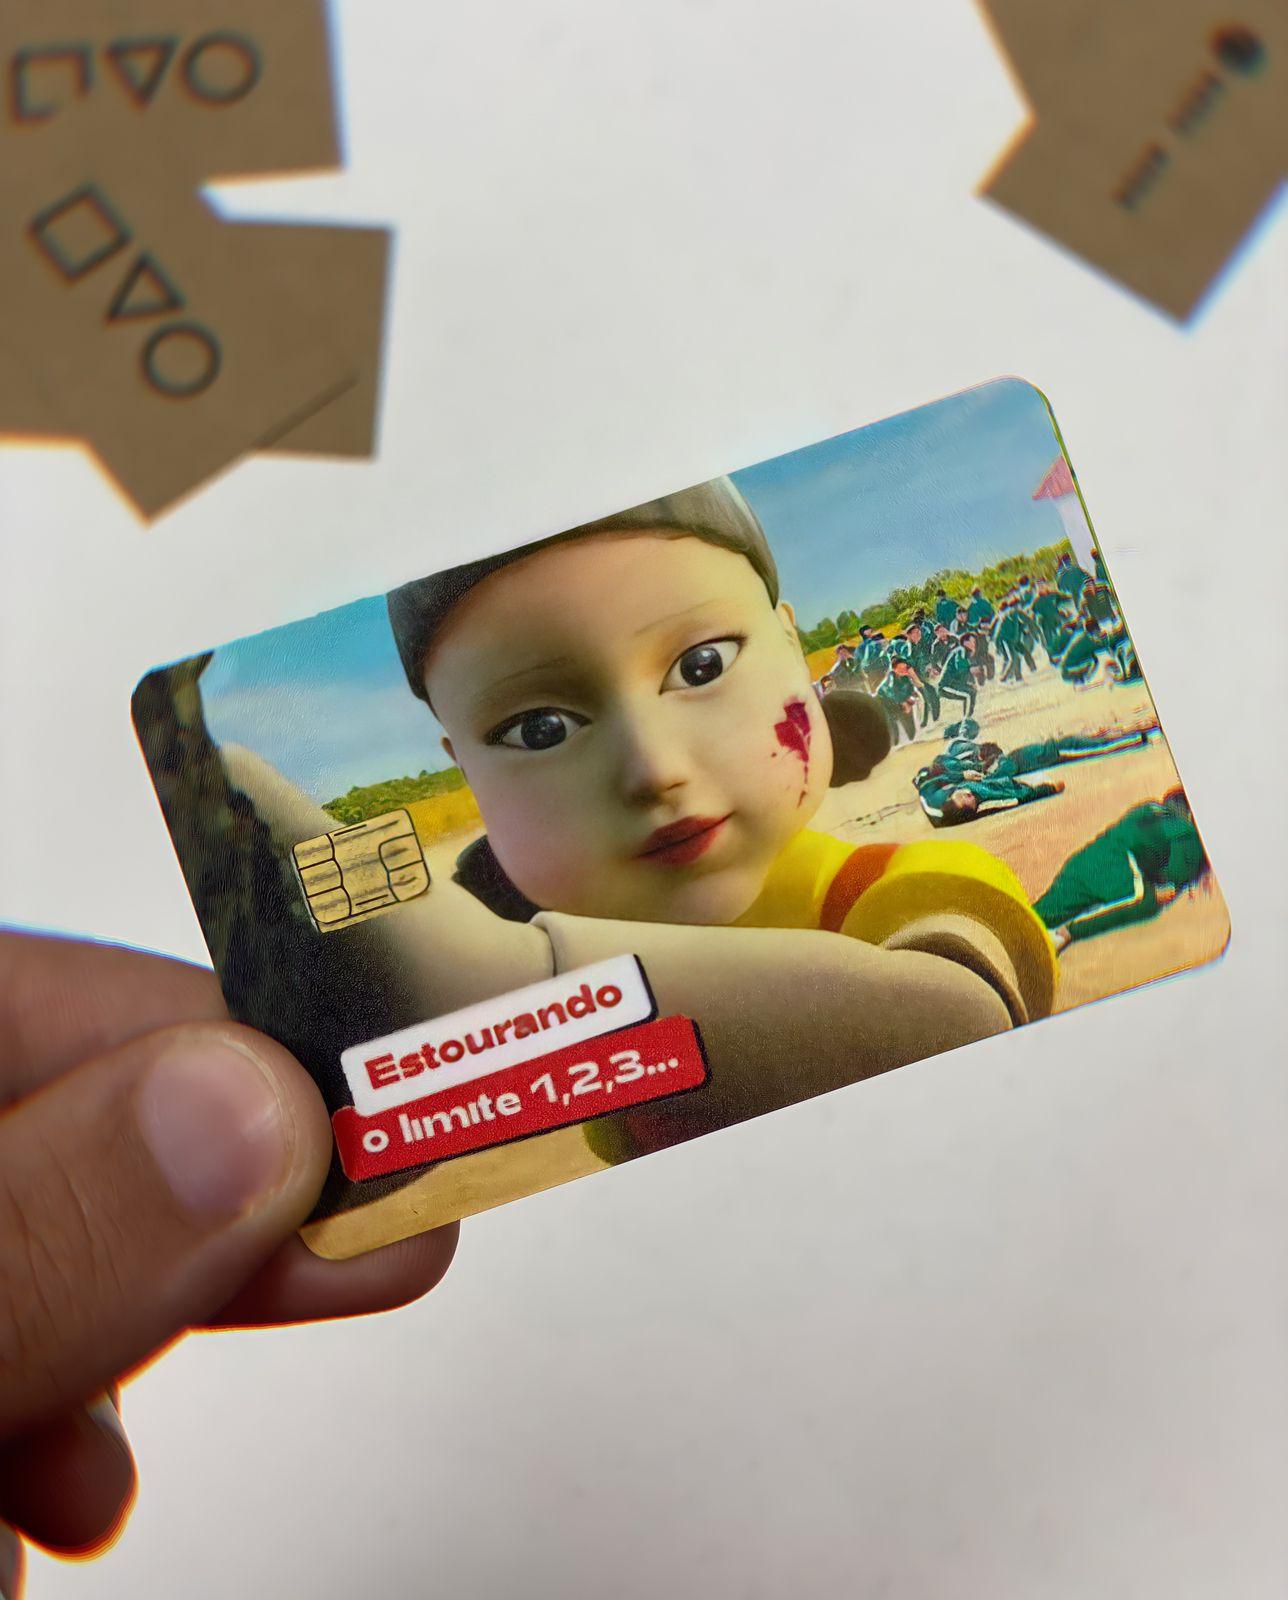 Película Adesiva Geek Cartão de Crédito e Débito Estourando o Limite 1 2 3 Squid Game Round 6: Netflix - EV